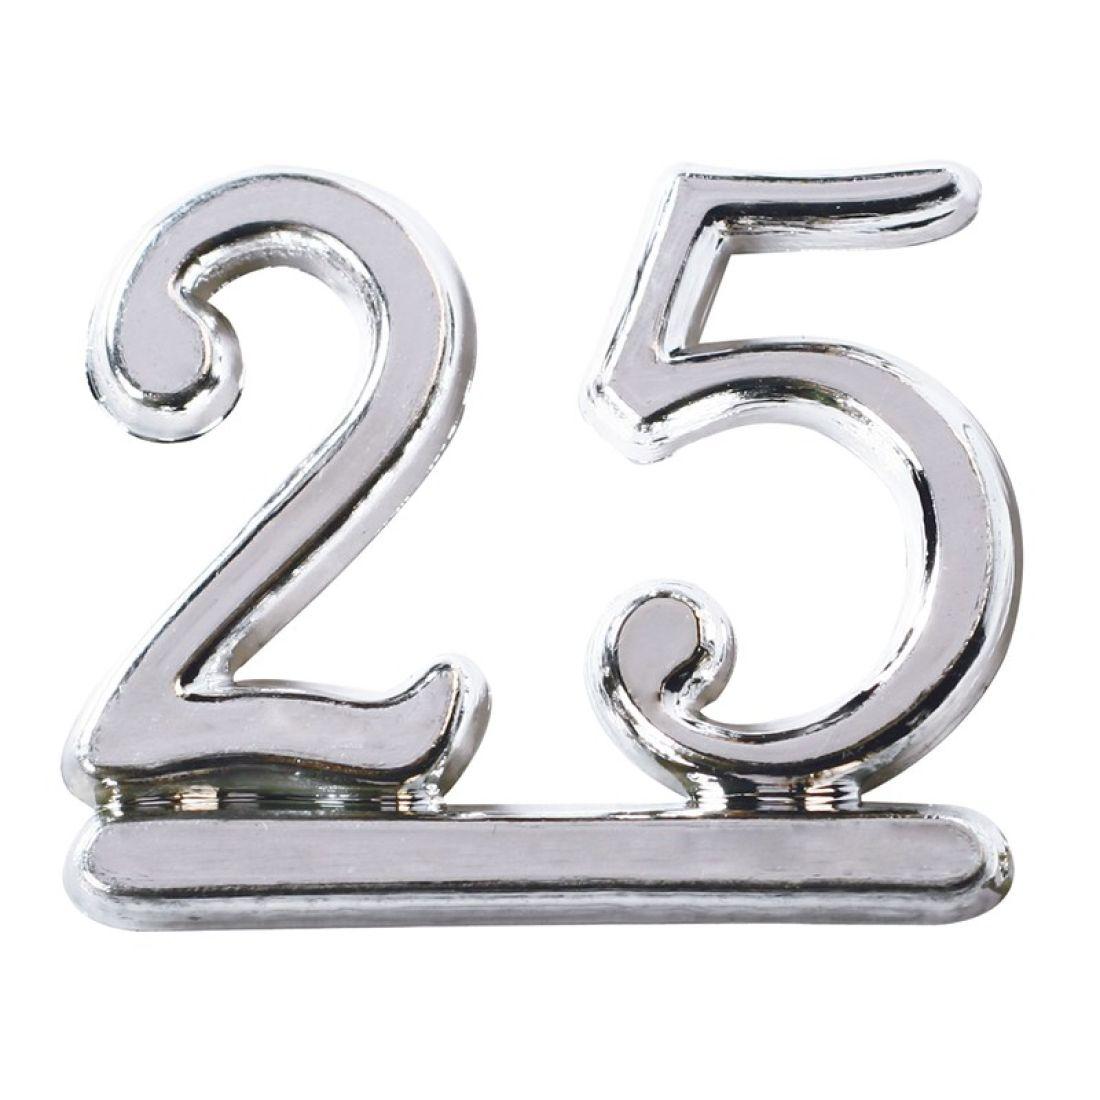 Красивые романтические картинки с надписями с цифрой 25, днем